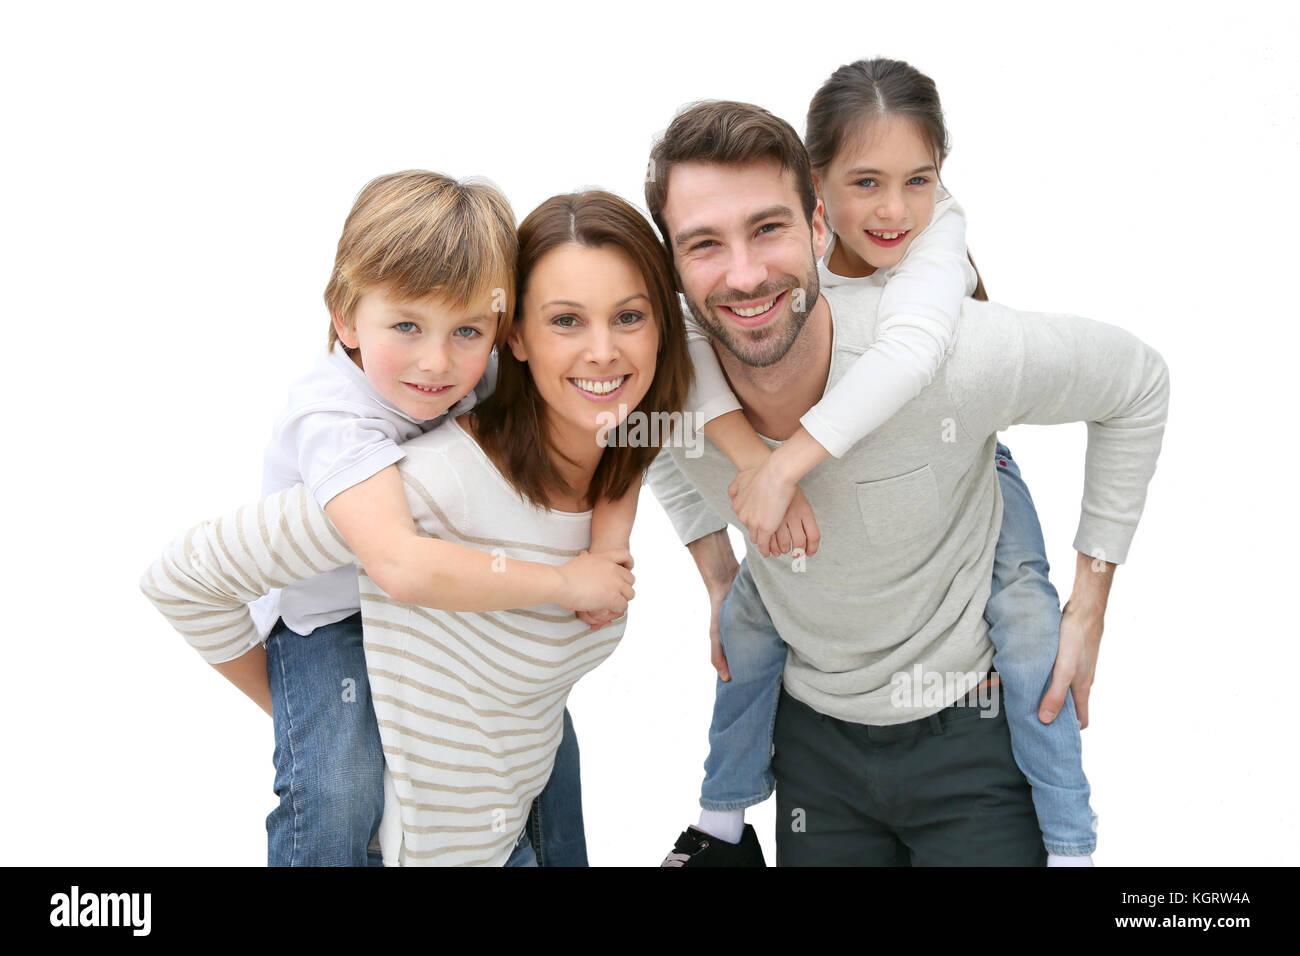 Junge Eltern geben piggyback Ride für Kinder Stockbild